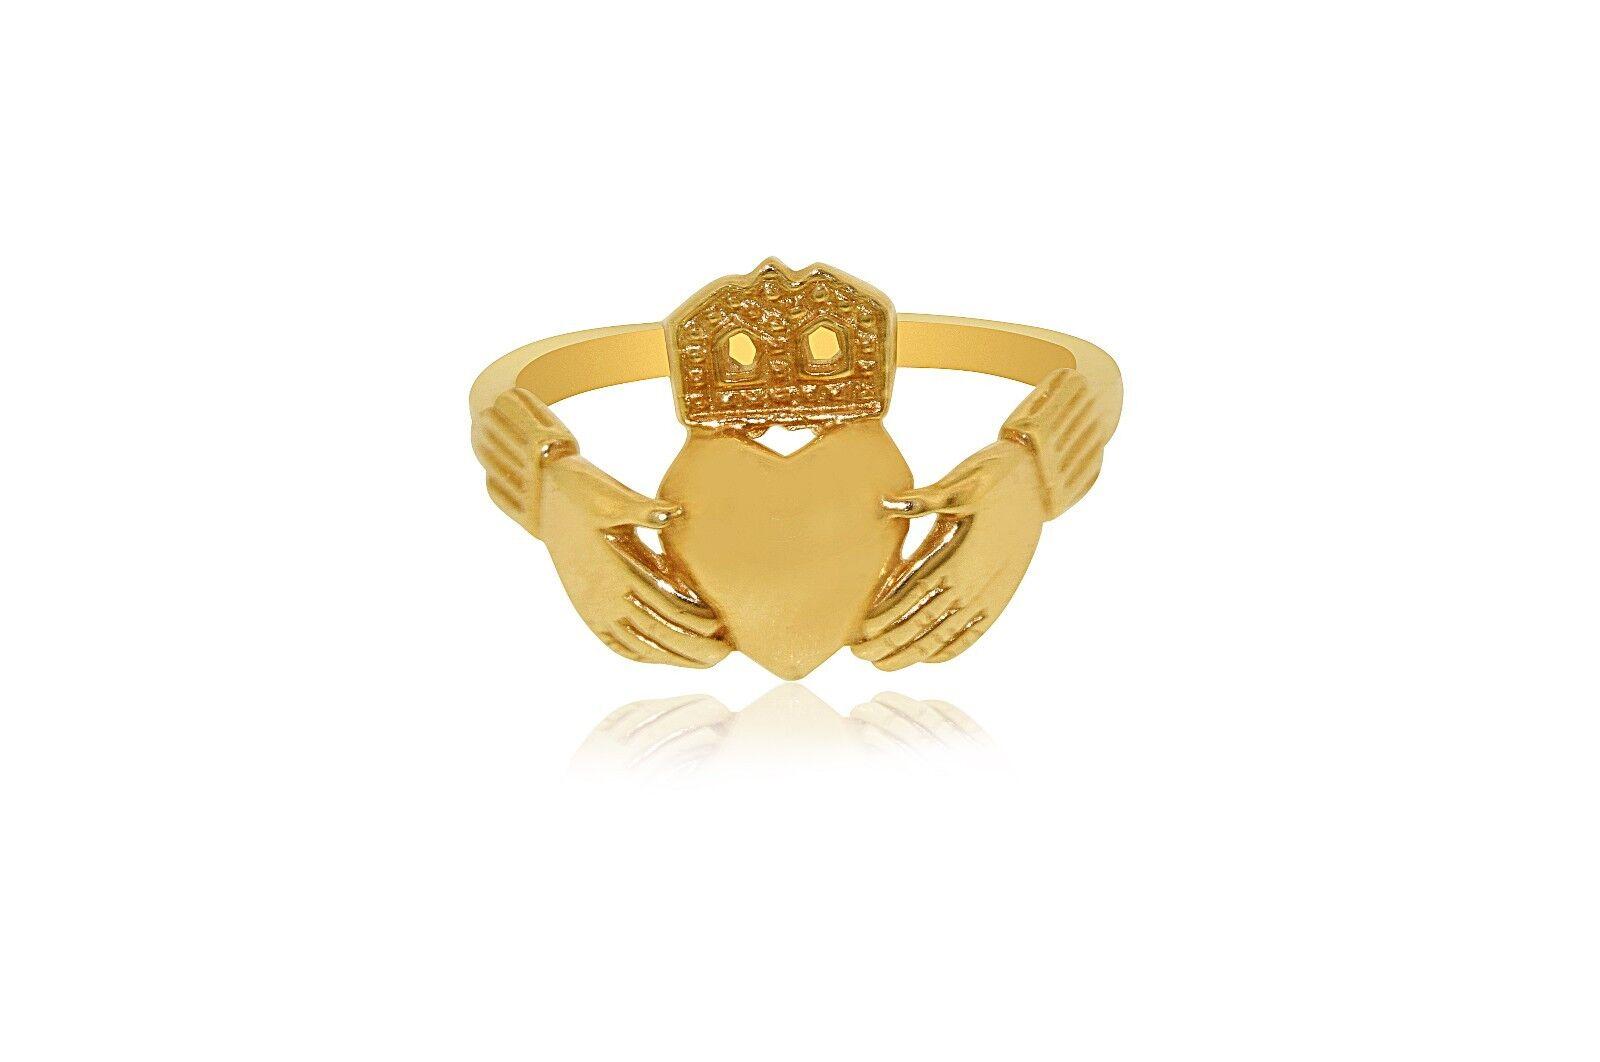 14K Yellow gold Irish Claddagh Ring 10016194